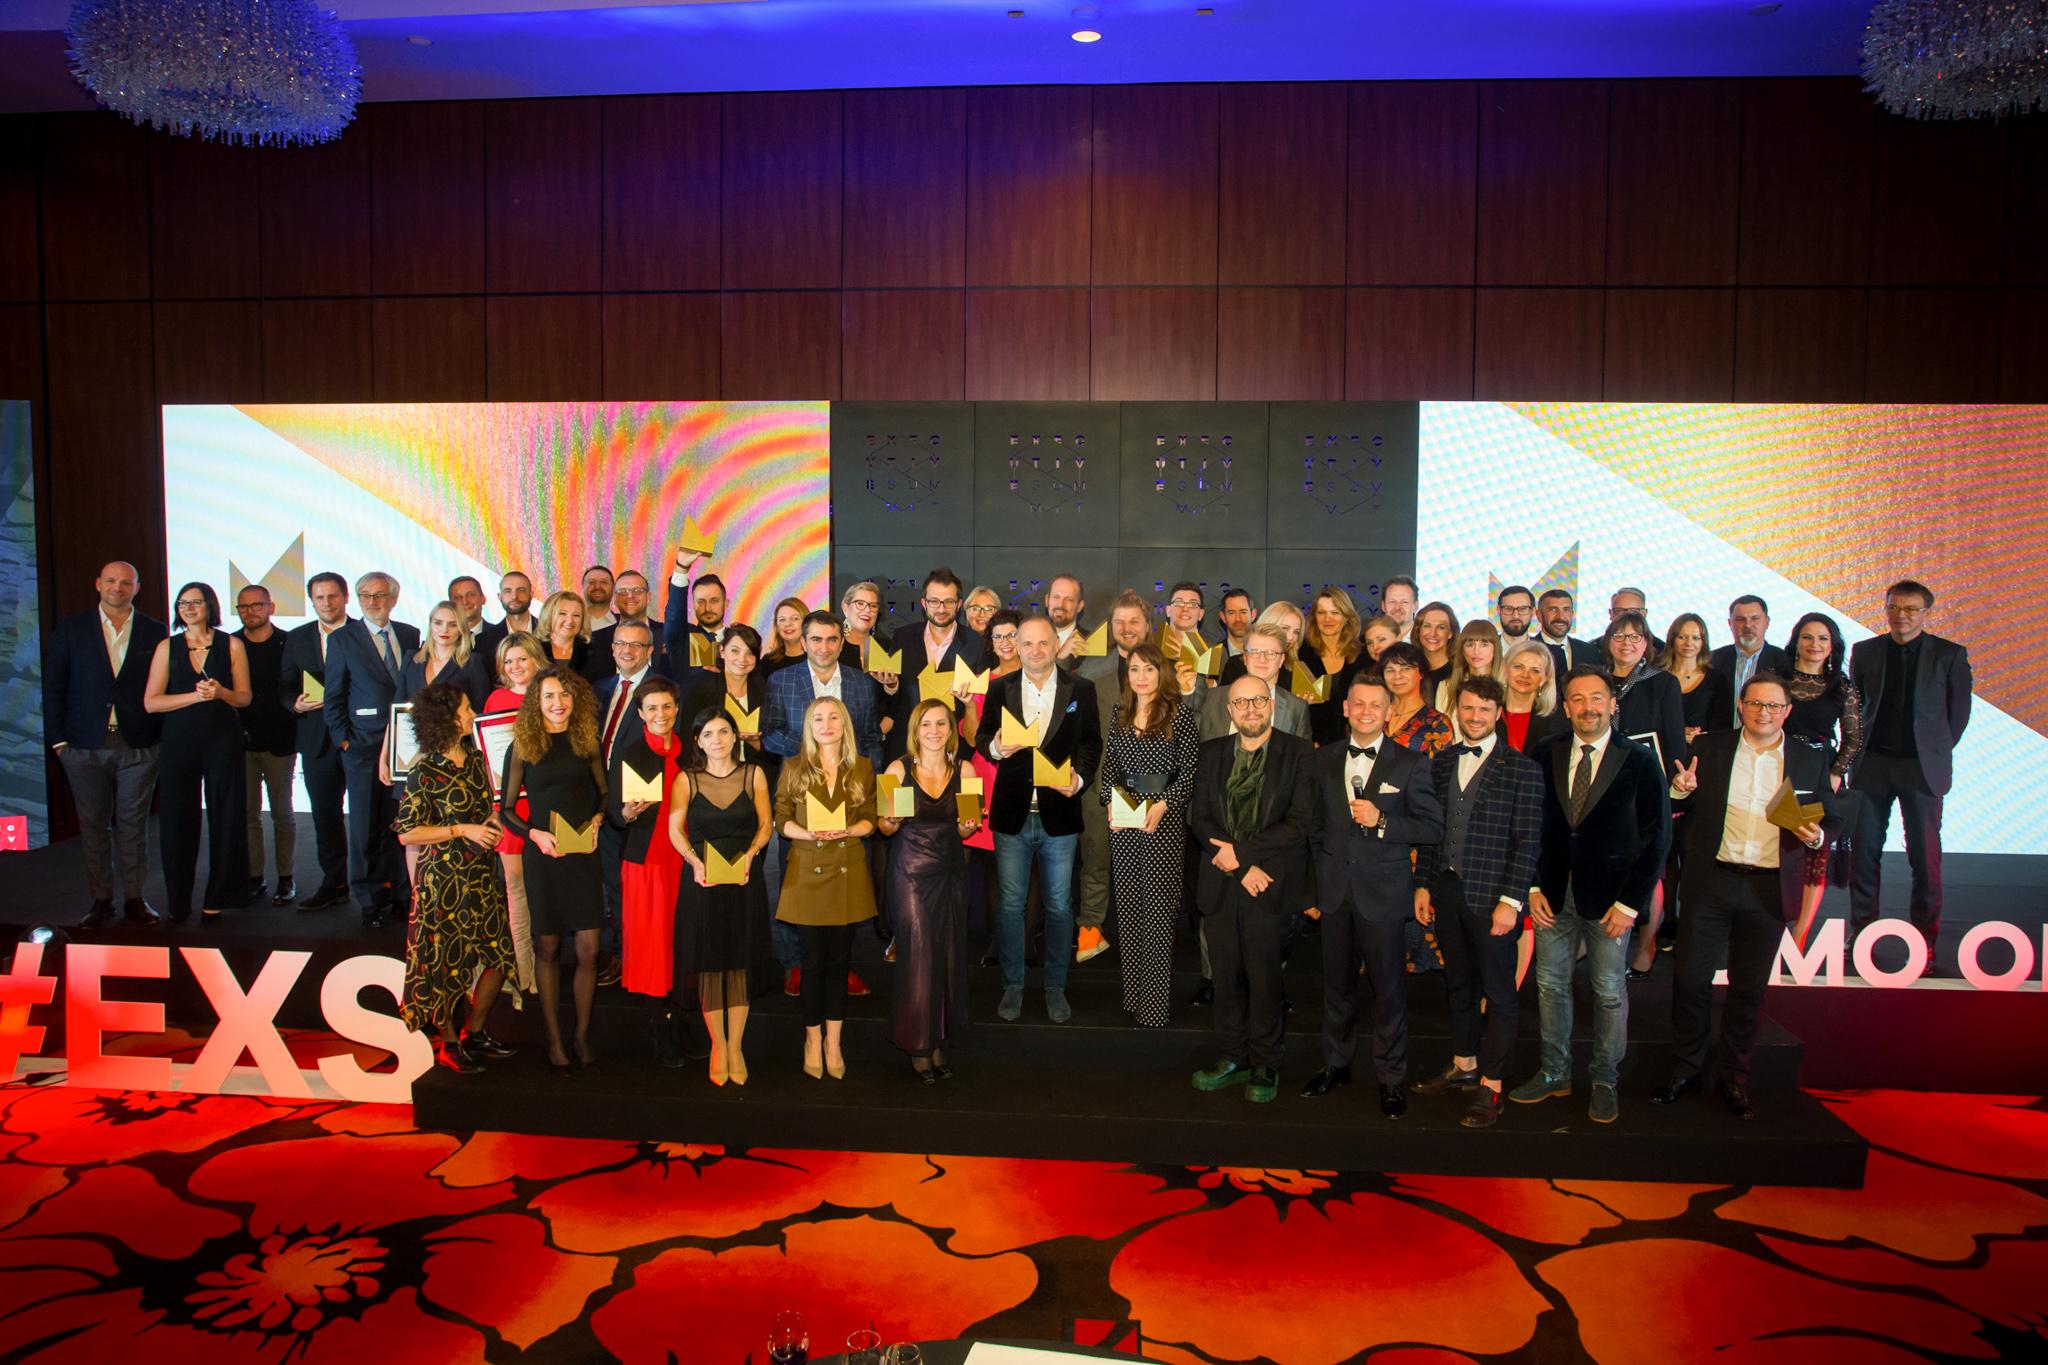 Najlepsi marketerzy w Polsce 2019 – Laureaci Konkursu Dyrektor Marketingu Roku 2019 | Oficjalny komunikat